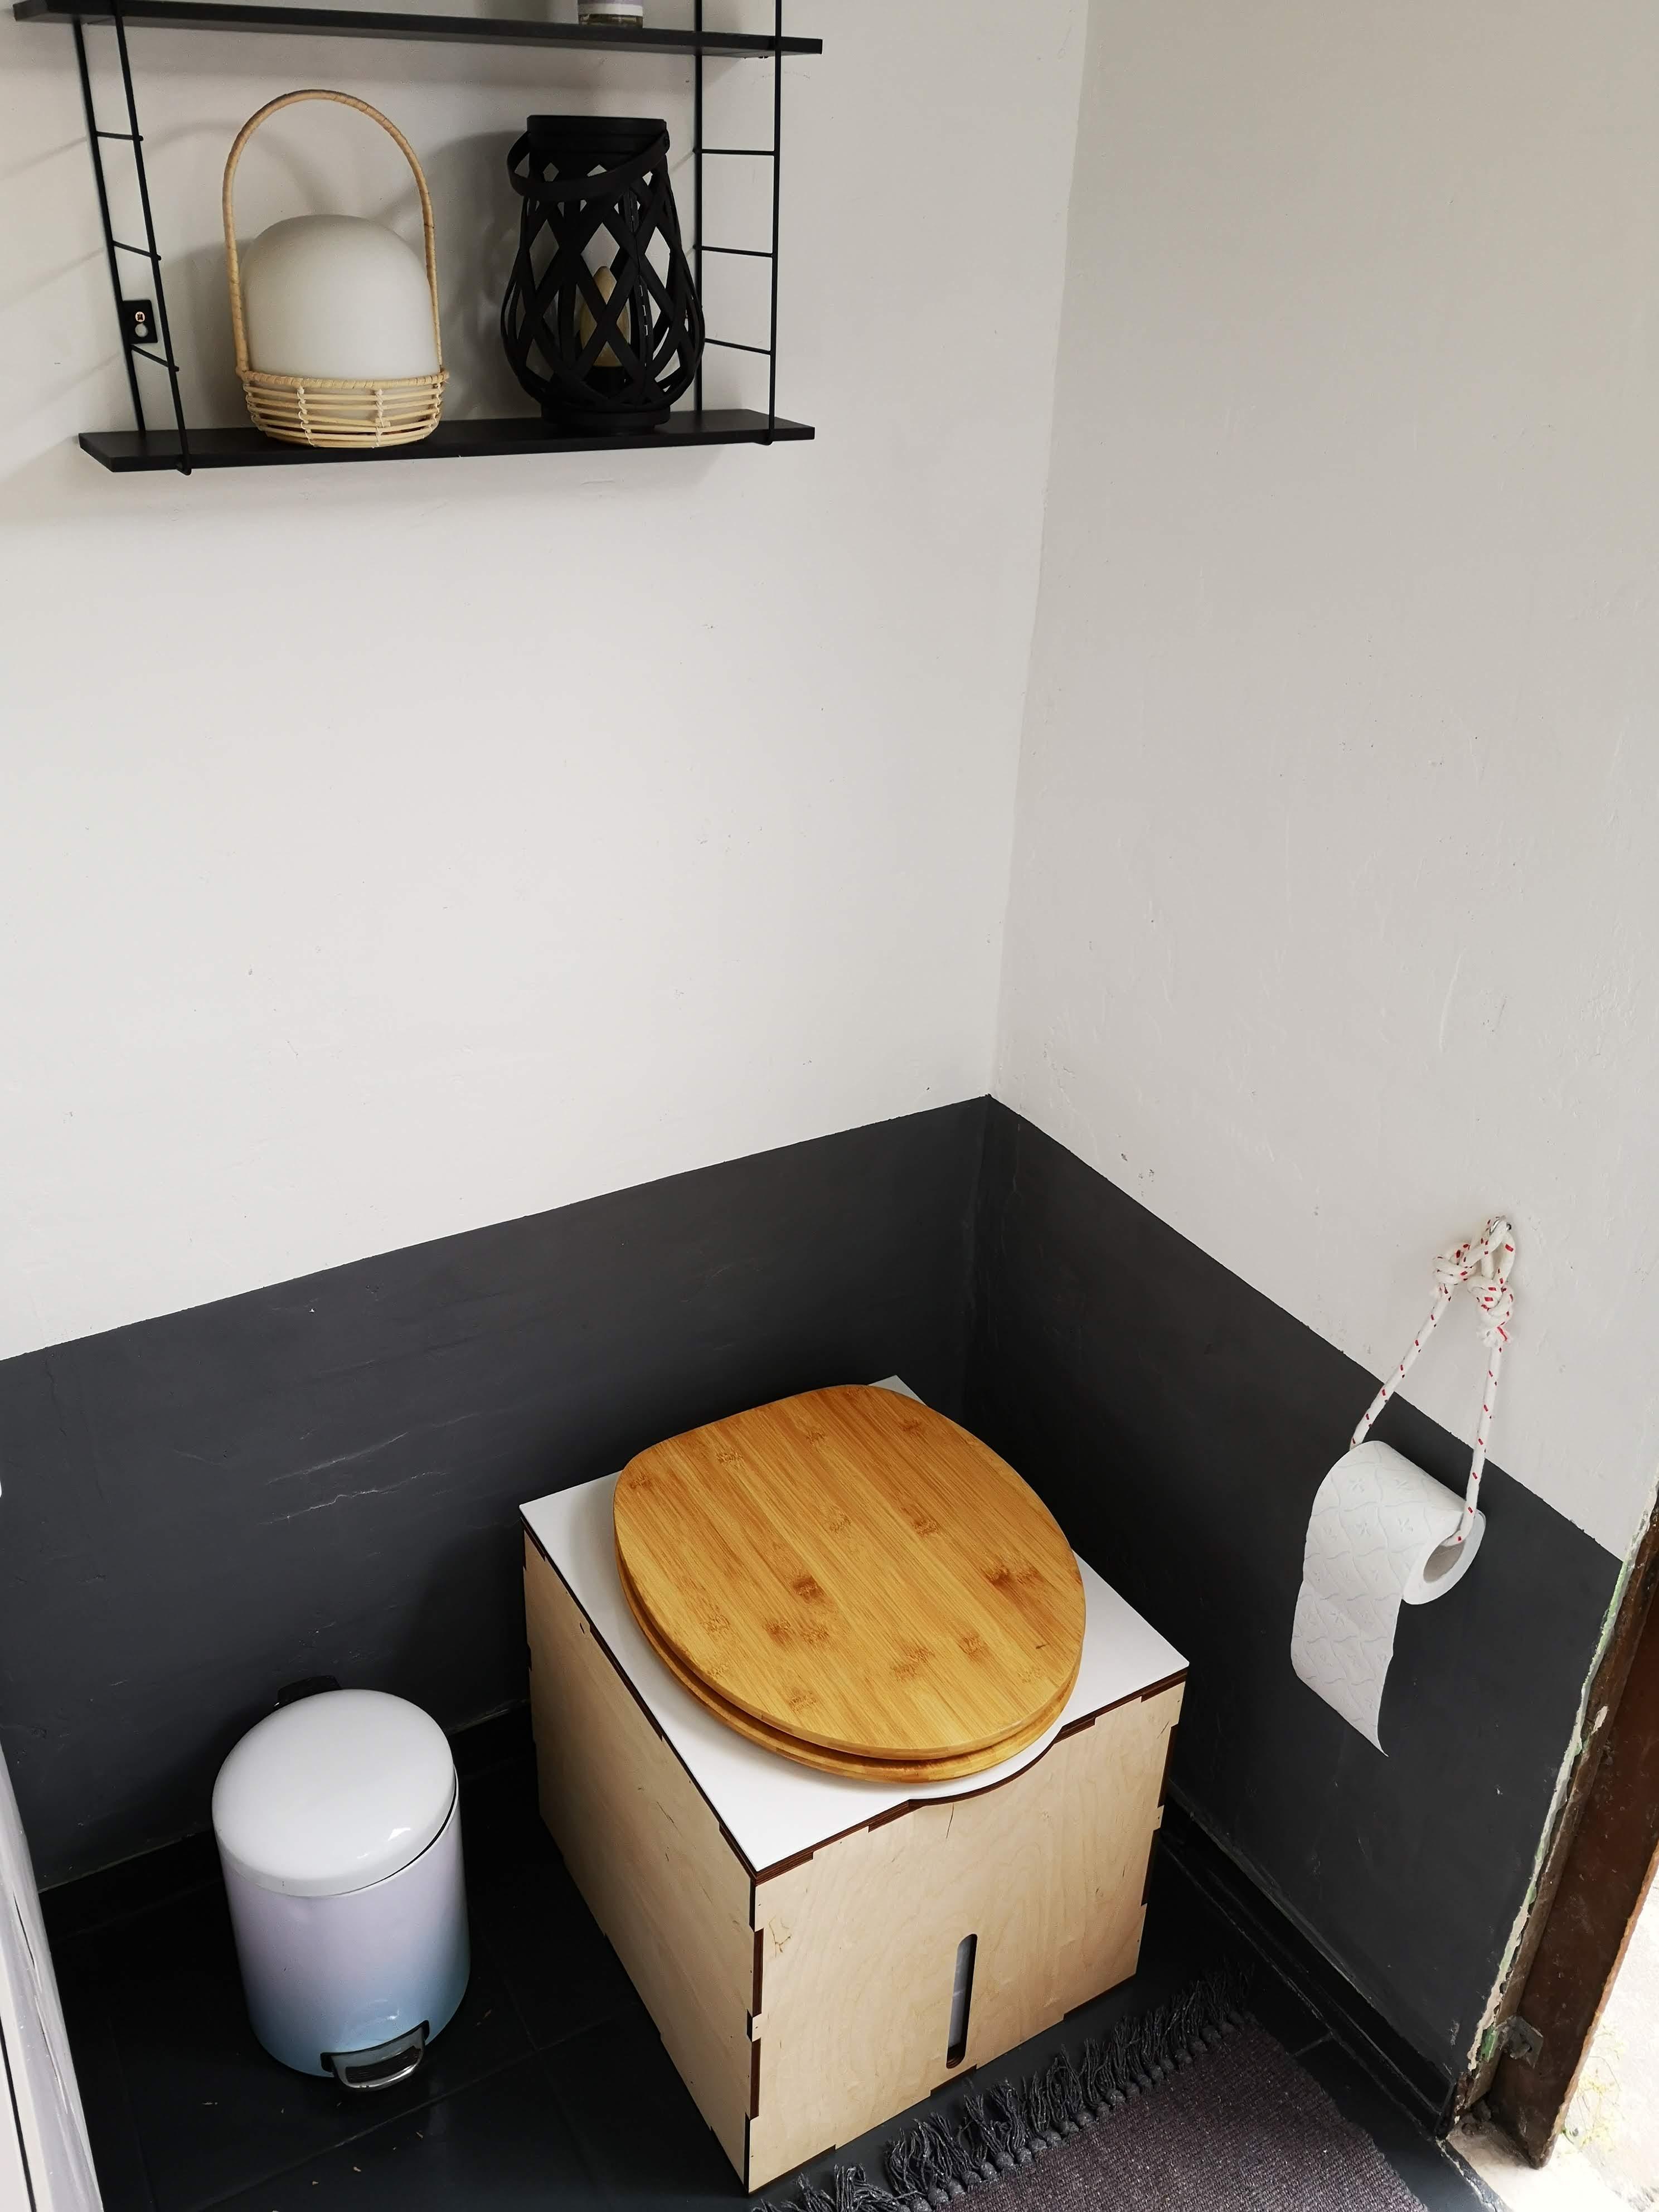 Kompost-Trenn-Toilette im Schrebergarten